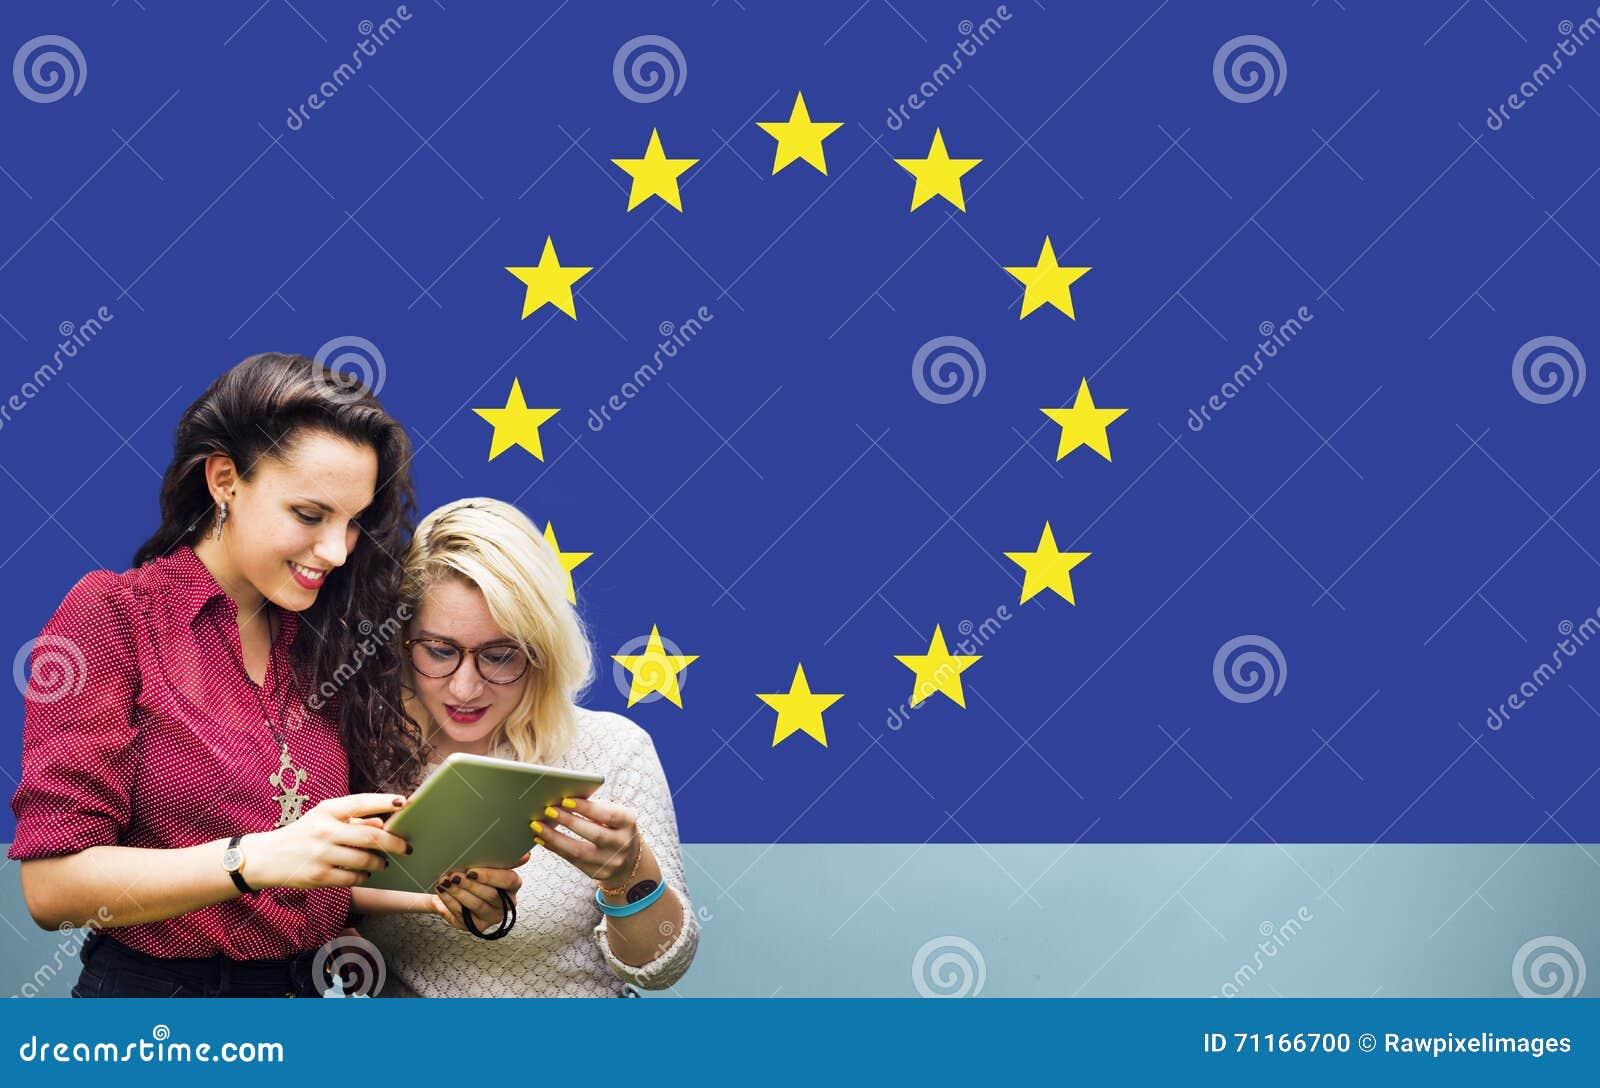 Europese Unie van de de Vlagnationaliteit van het Land de Cultuur Liberty Concept